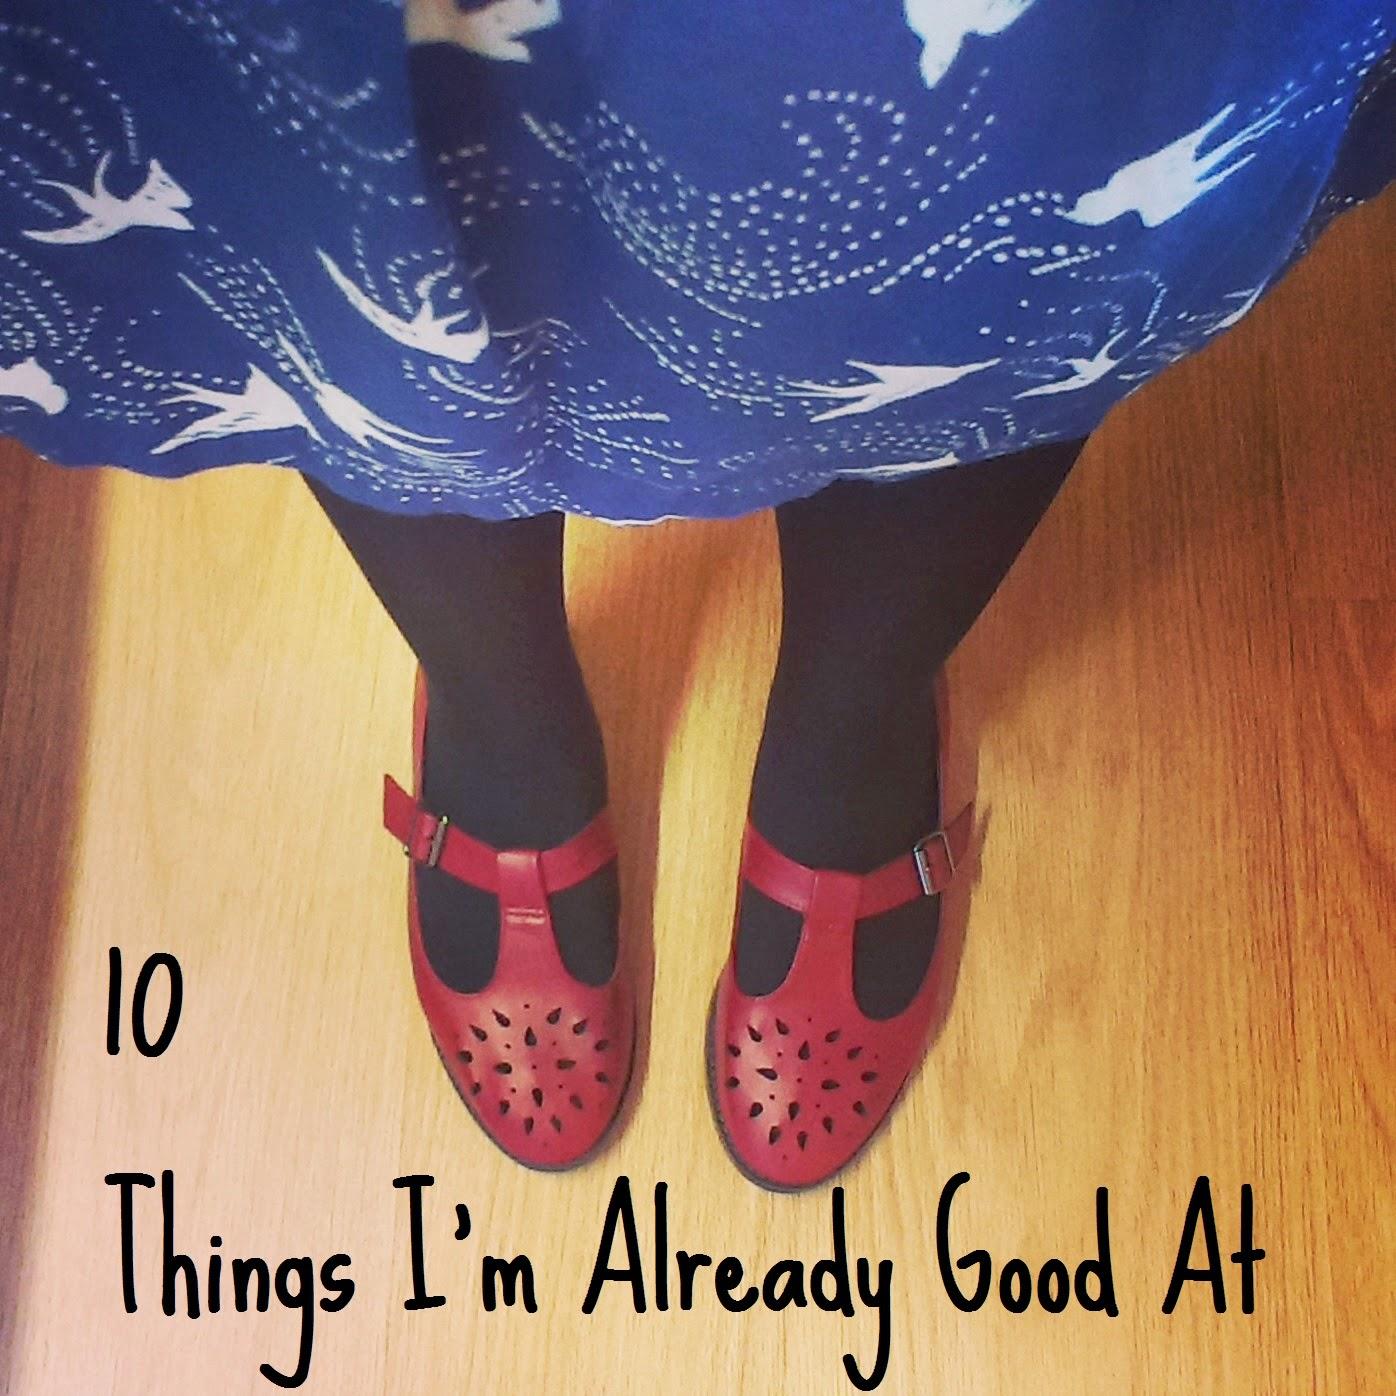 10 Things I'm Already Good At